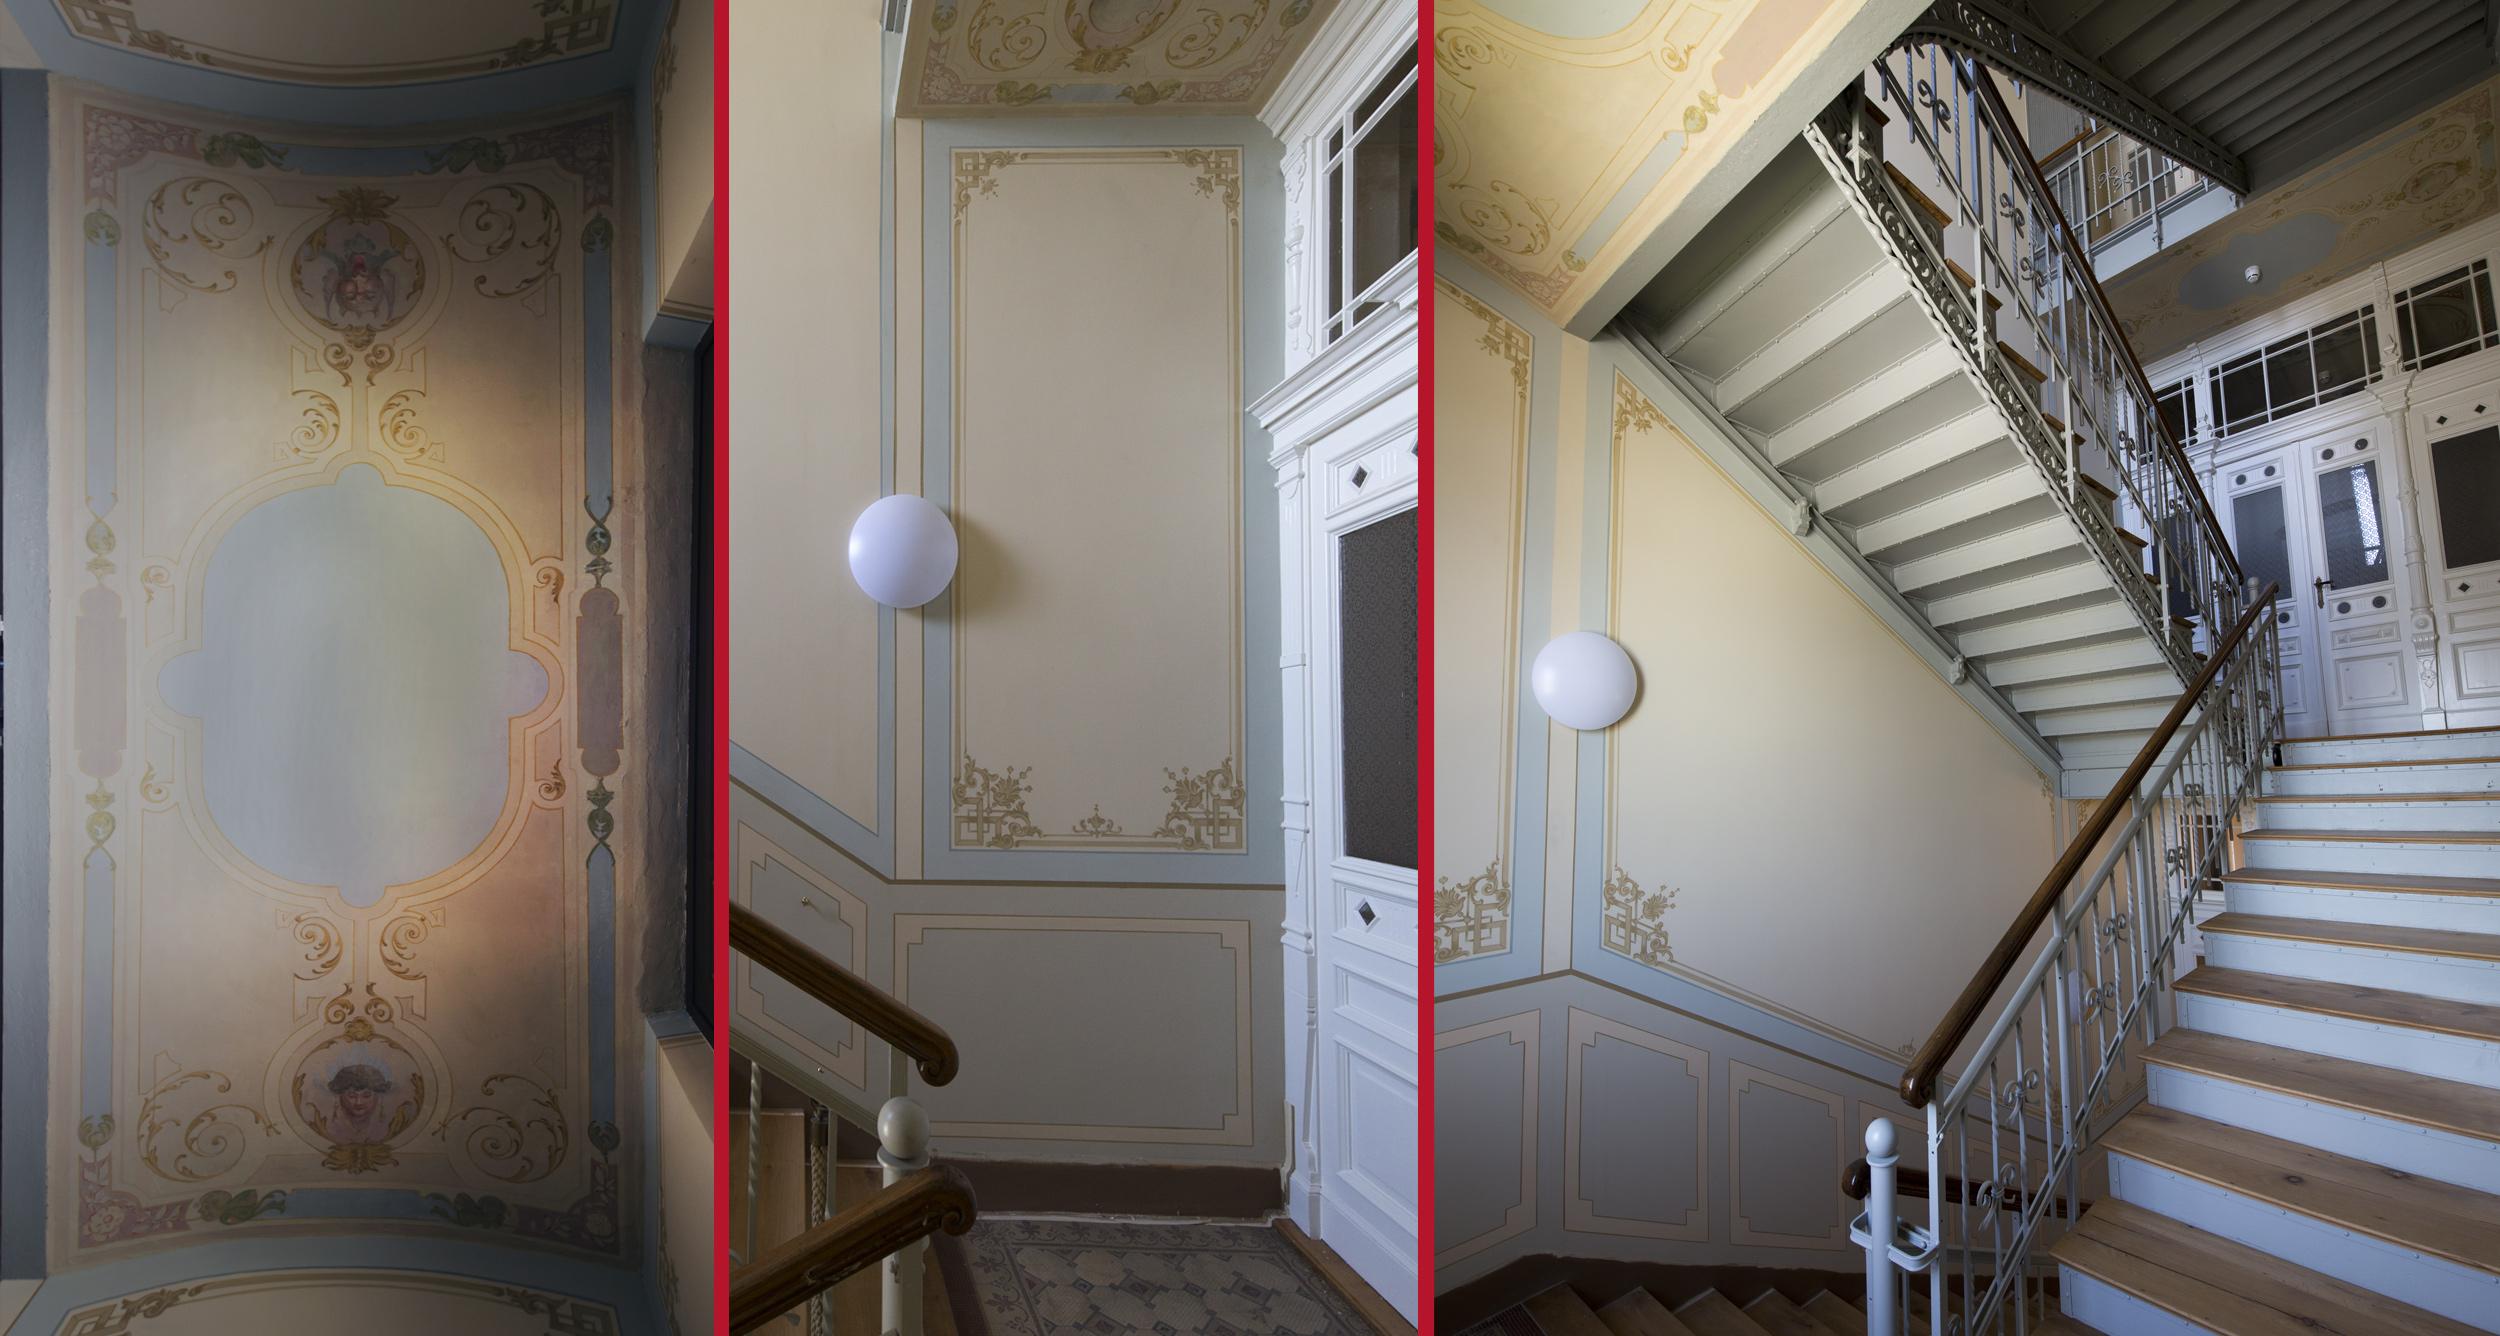 Treppenhaus im Nebengebäude mit restaurierten Podestuntersichten und rekonstruierten Wandflächen